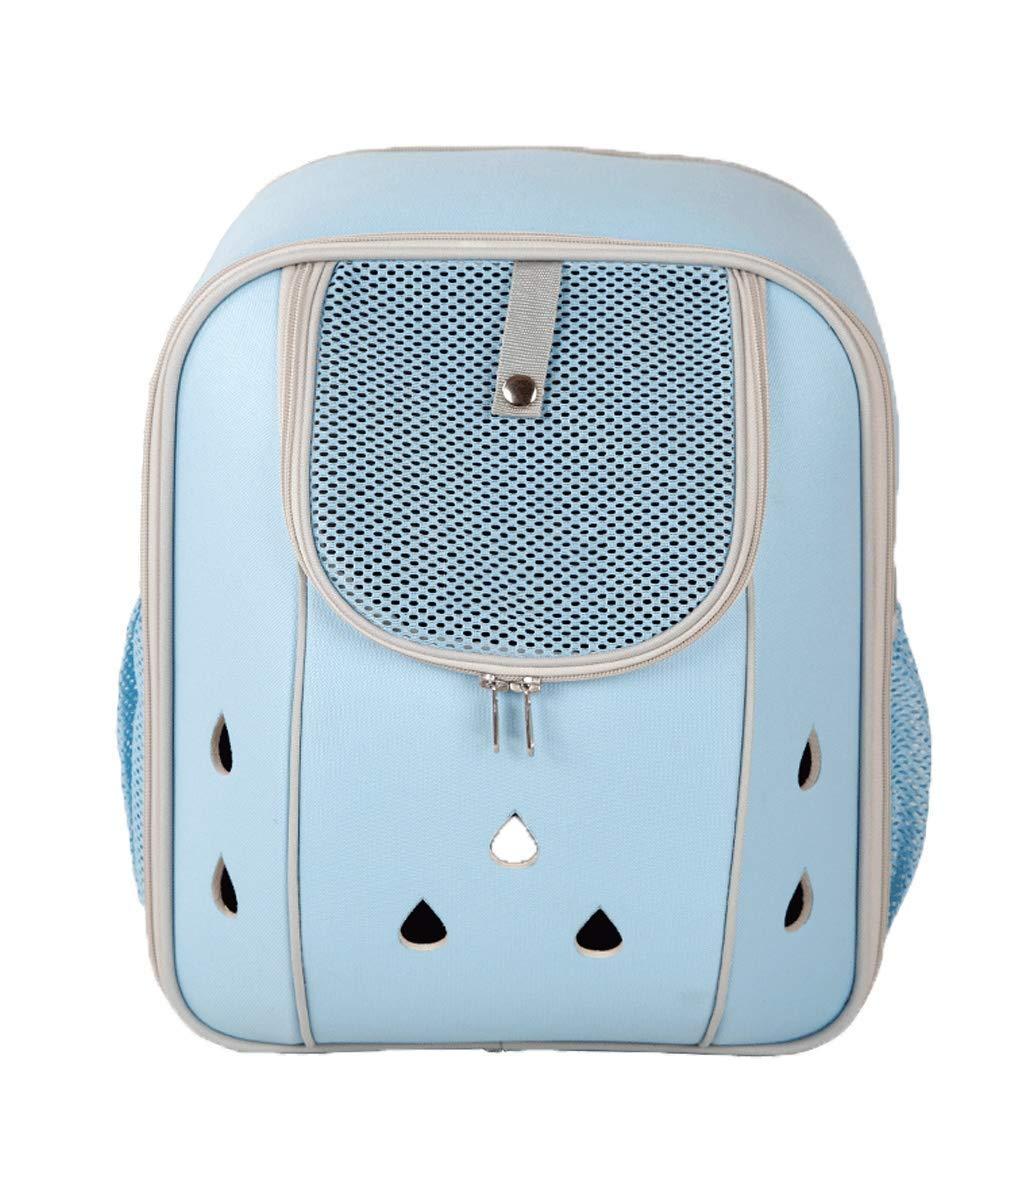 LXYUCWB Mochila para Mascotas de Viaje al Aire Libre Mochila para Gatos, cápsula Espacial, Gato, Mochila para Cachorros (Azul): Amazon.es: Jardín